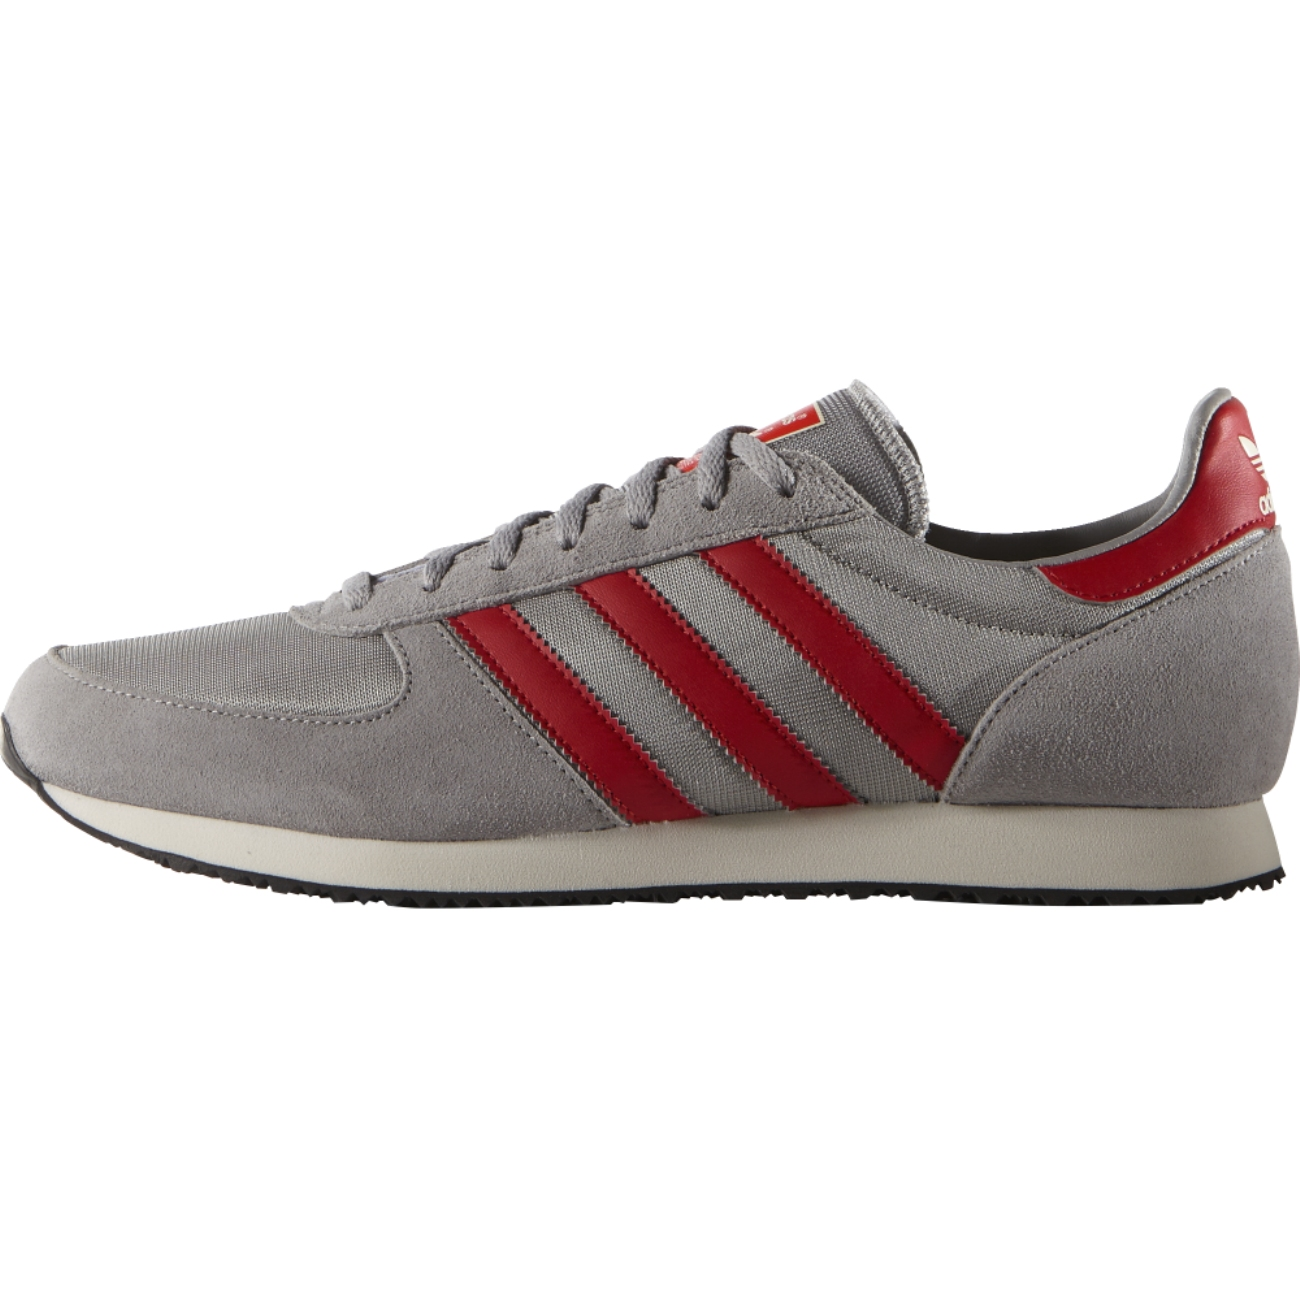 Adidas Schuhe Herren Grau